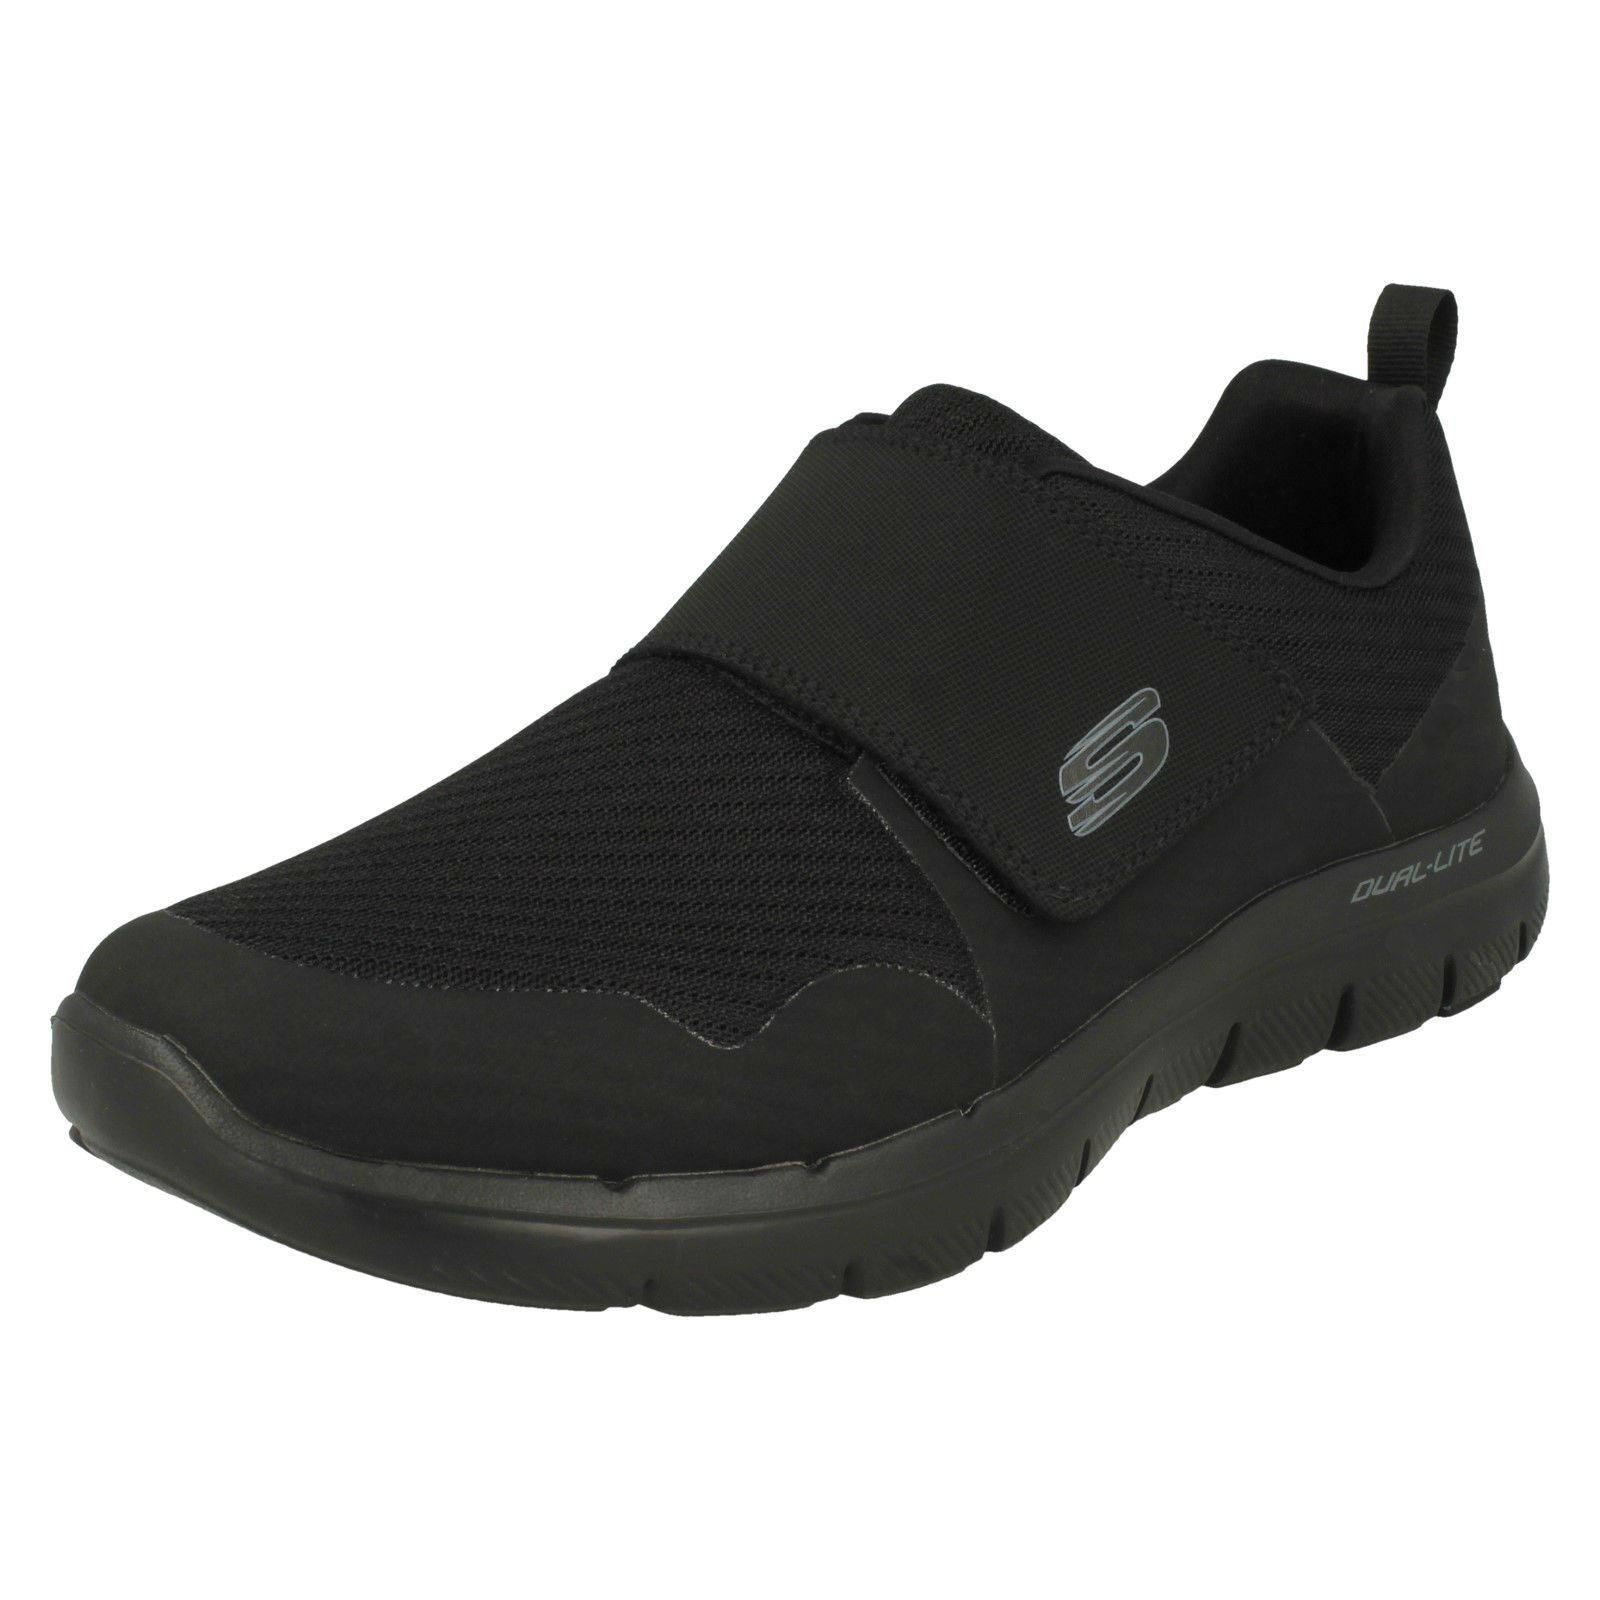 Hombre Zapatillas Advantage Skechers Negro 0 52183 2 deportivas Gurn Flex wH5FRdqF